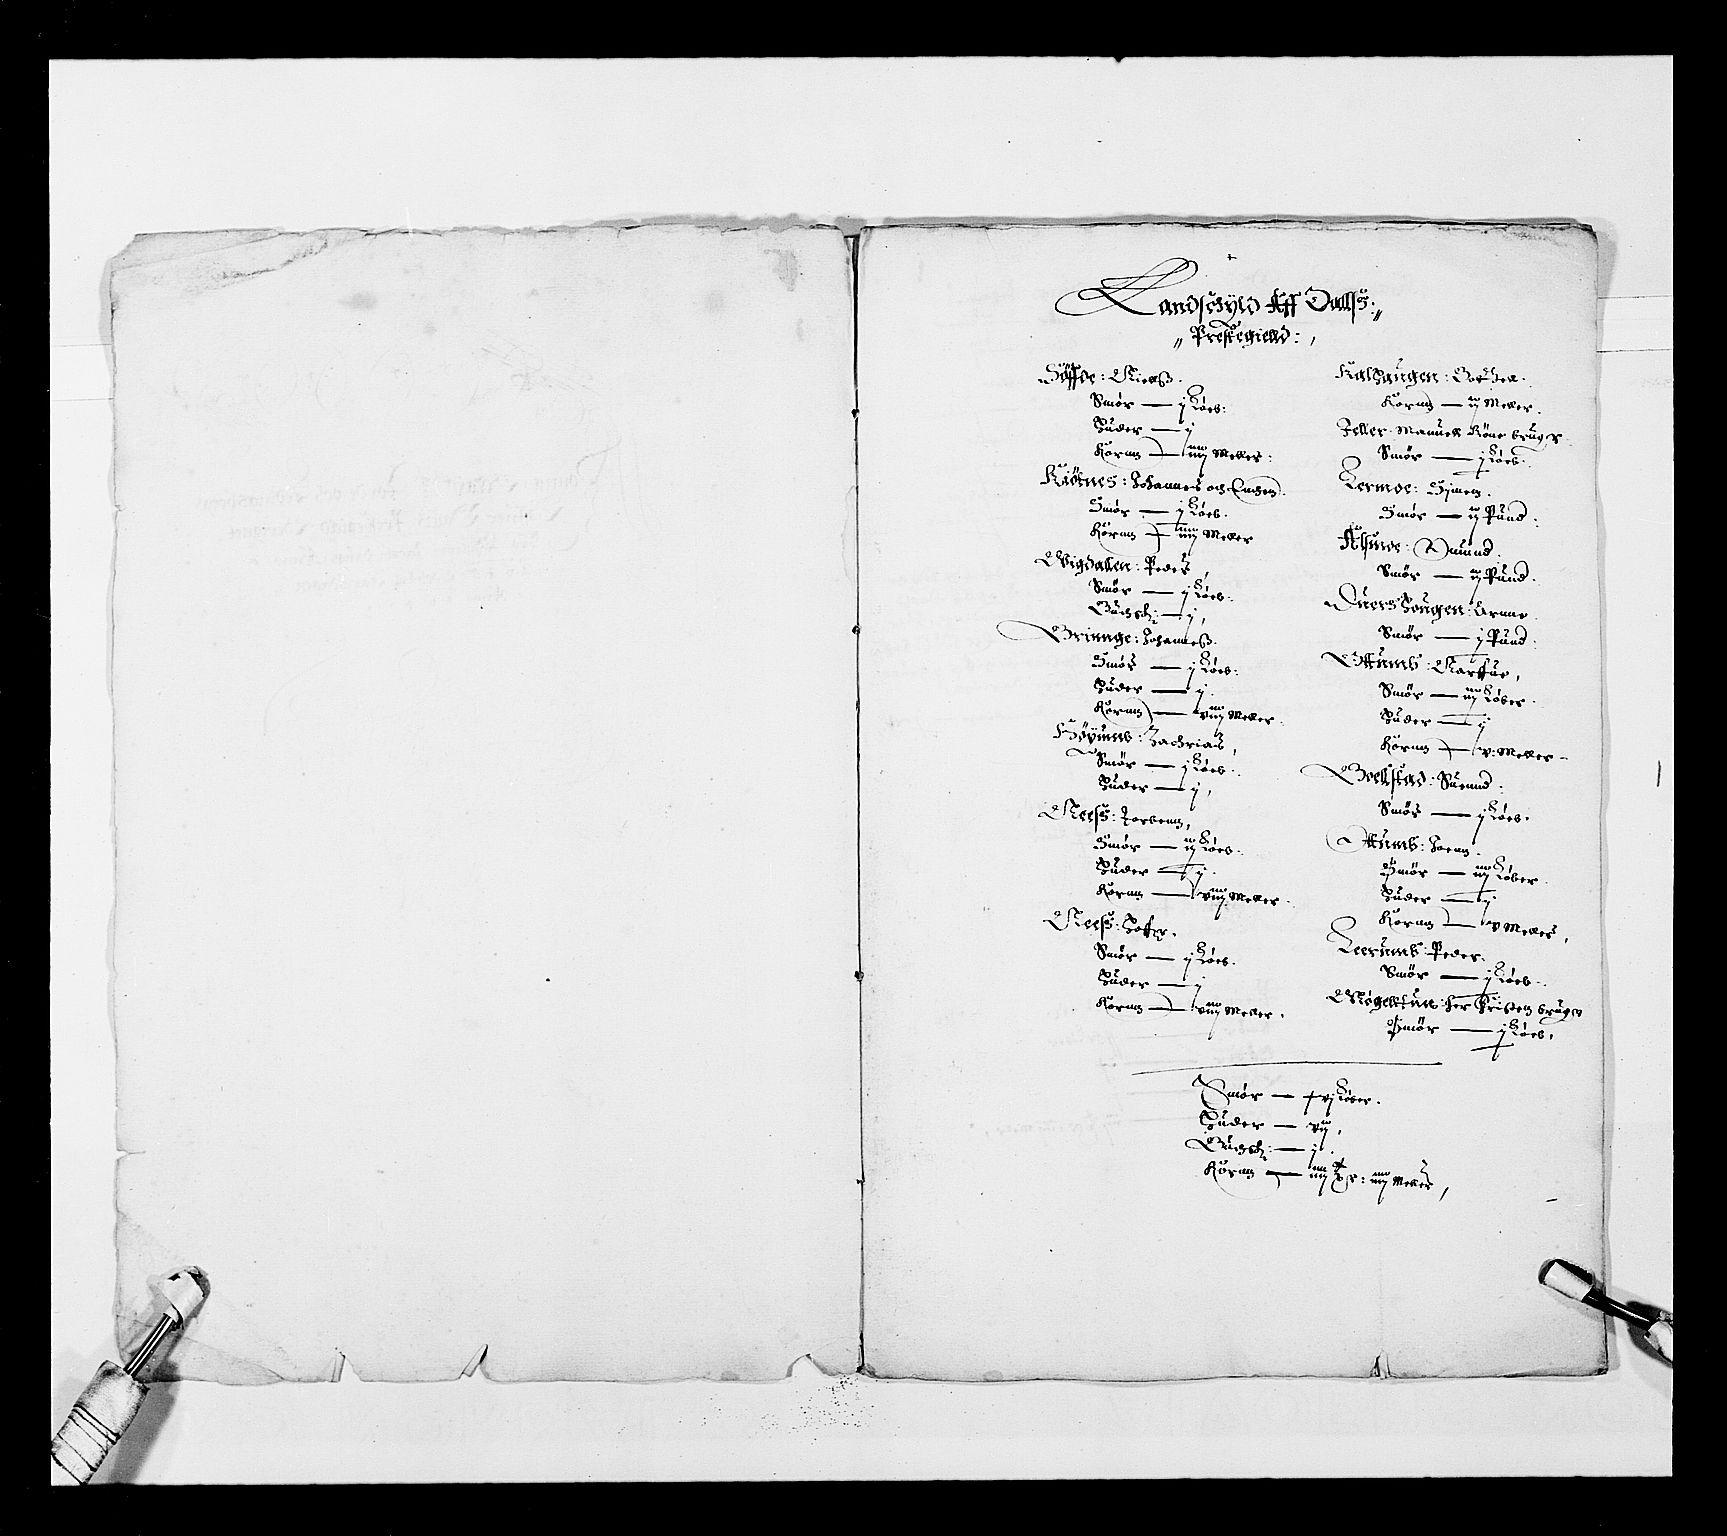 RA, Stattholderembetet 1572-1771, Ek/L0025: Jordebøker 1633-1658:, 1645-1646, s. 142